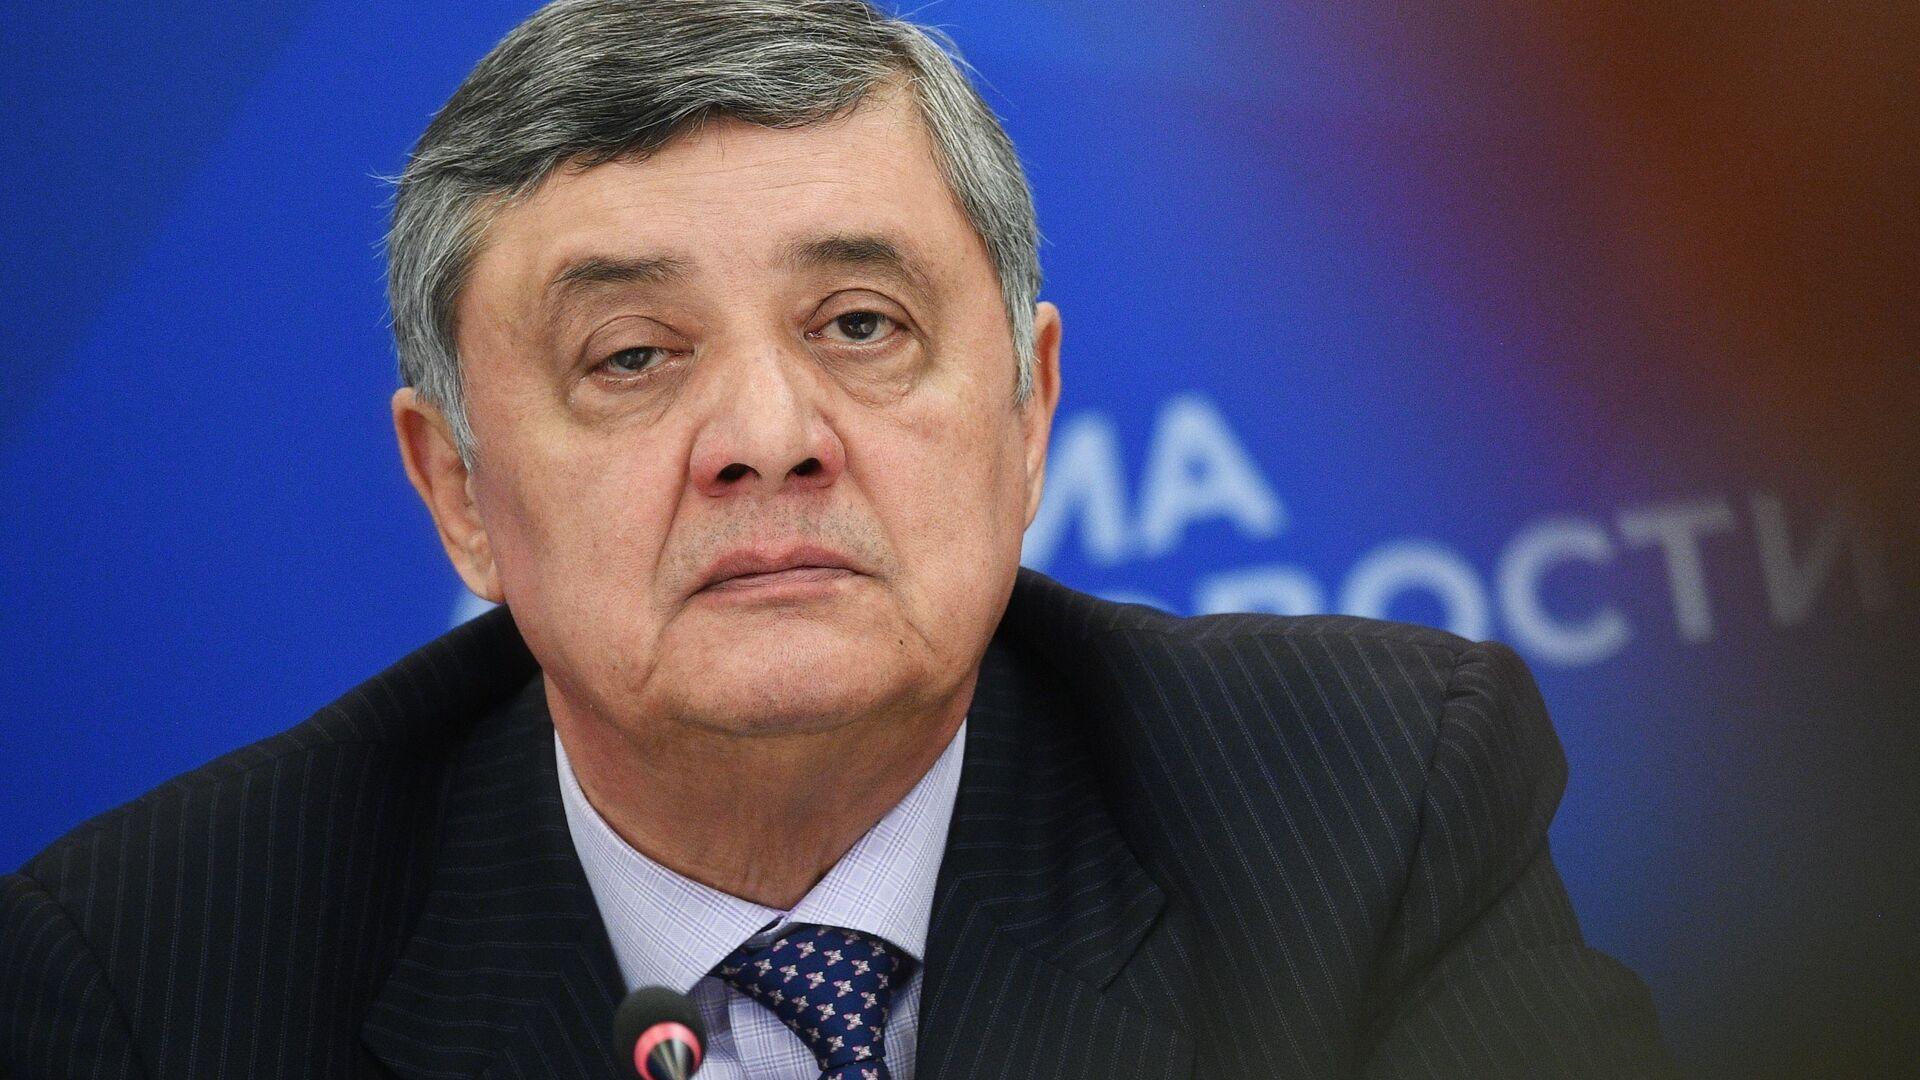 Rusya Afganistan Özel Temsilcisi ve Dışişleri Bakanlığı İkinci Asya Departmanı Direktörü Zamir Kabulov - Sputnik Türkiye, 1920, 16.08.2021